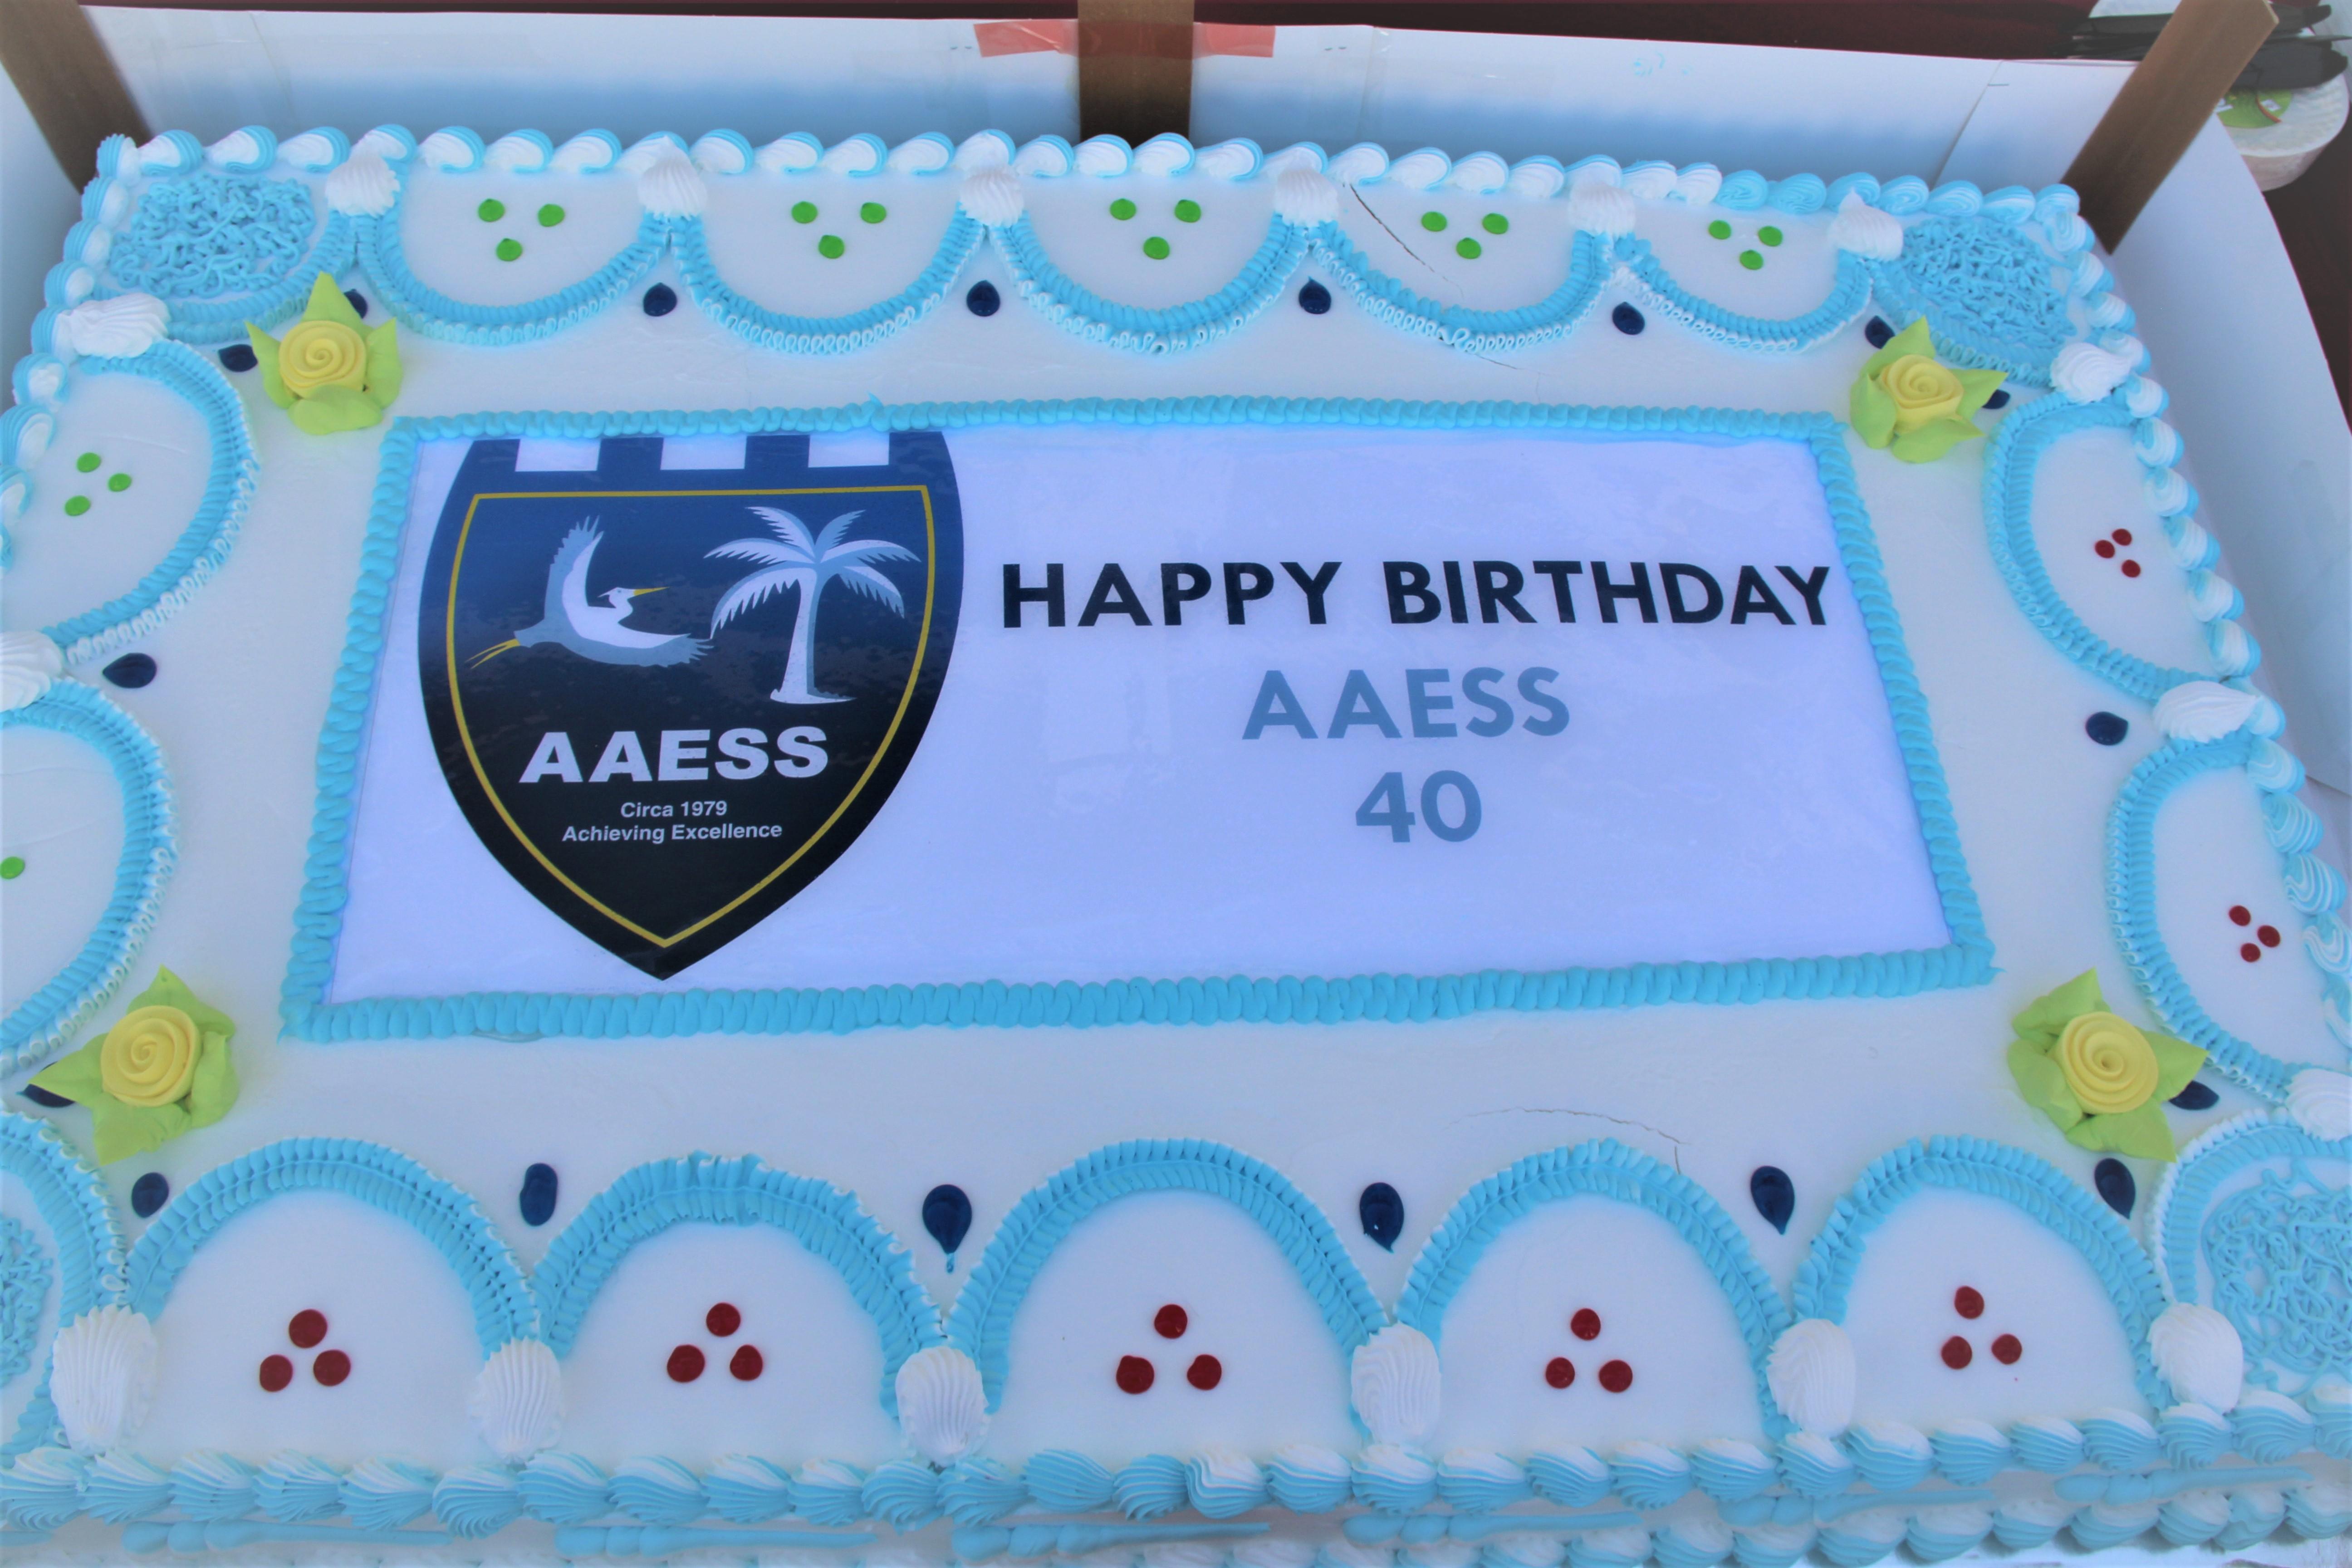 AAESS Turned 40!